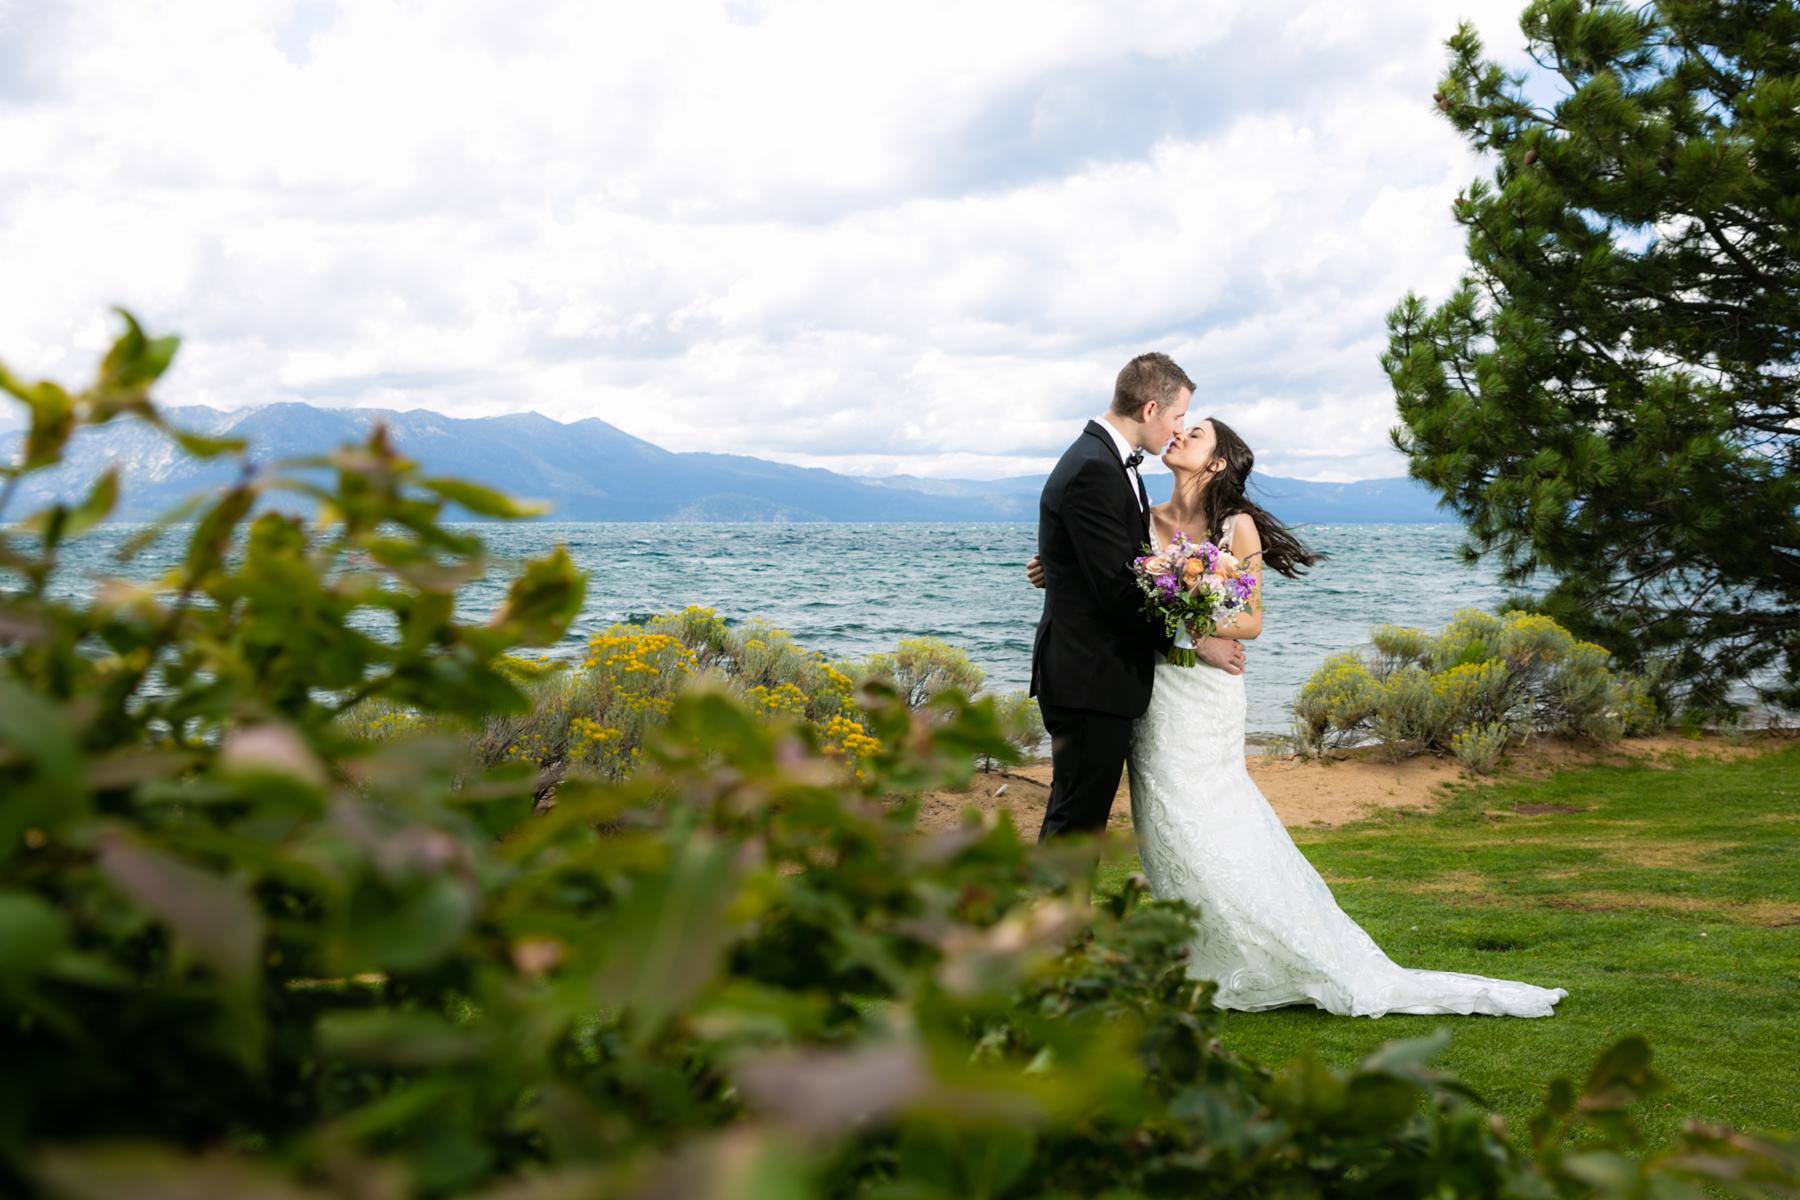 edgewood-weddings-10